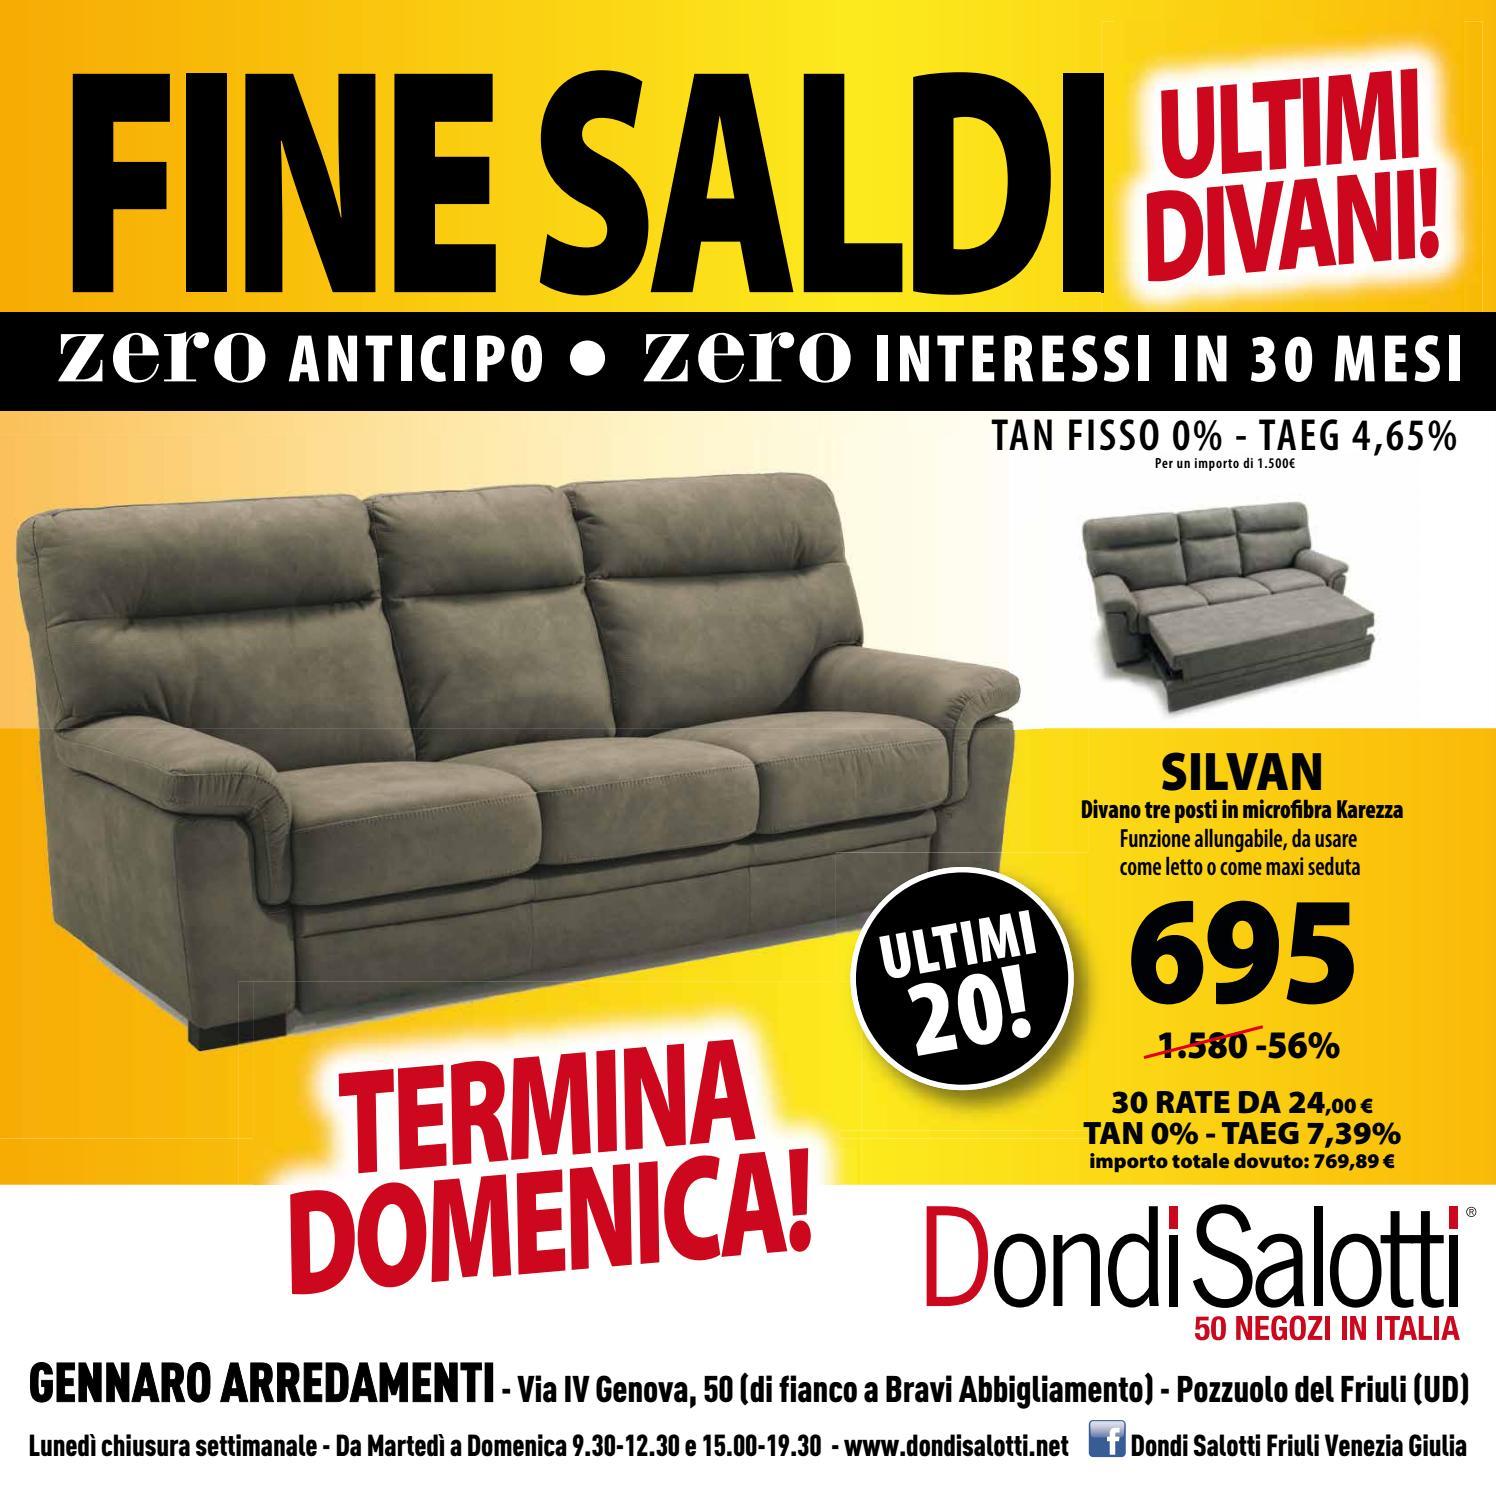 Dondi Salotti Carpi.Dondi Salotti Fine Saldi Udine By Michele Travagli Issuu